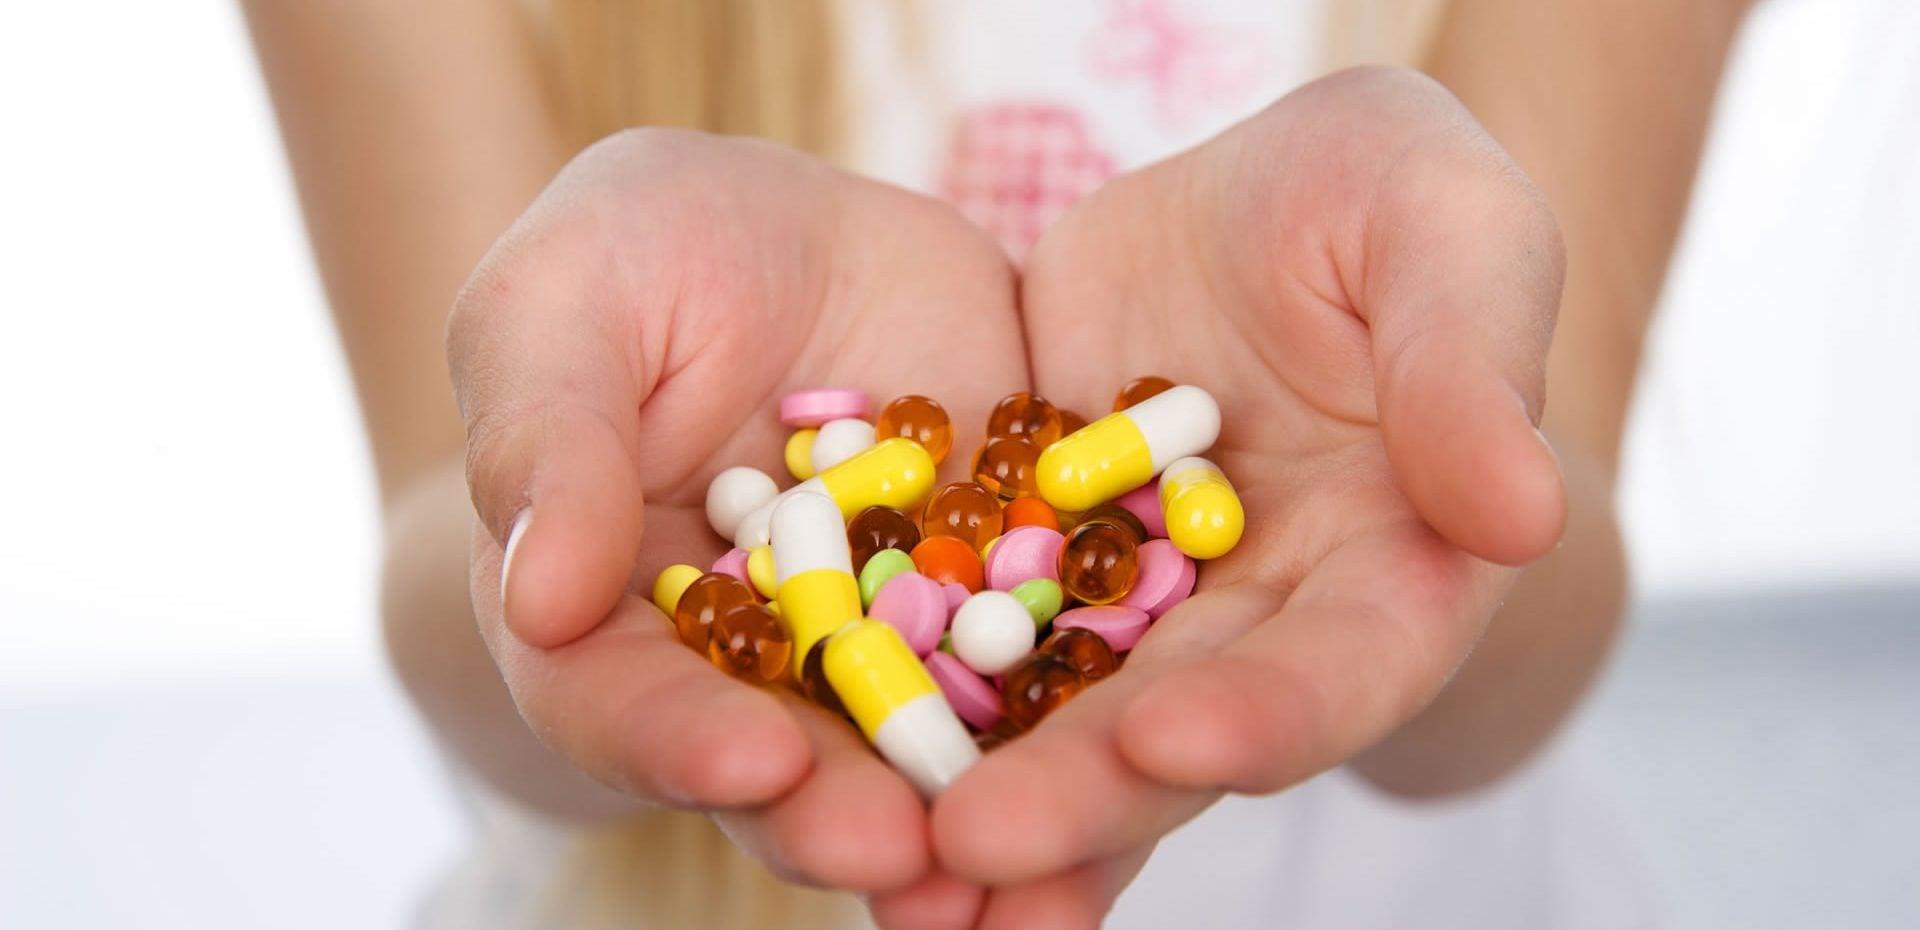 داروی جدید استرازنکا مشابه واکسن آن عمل میکند؟